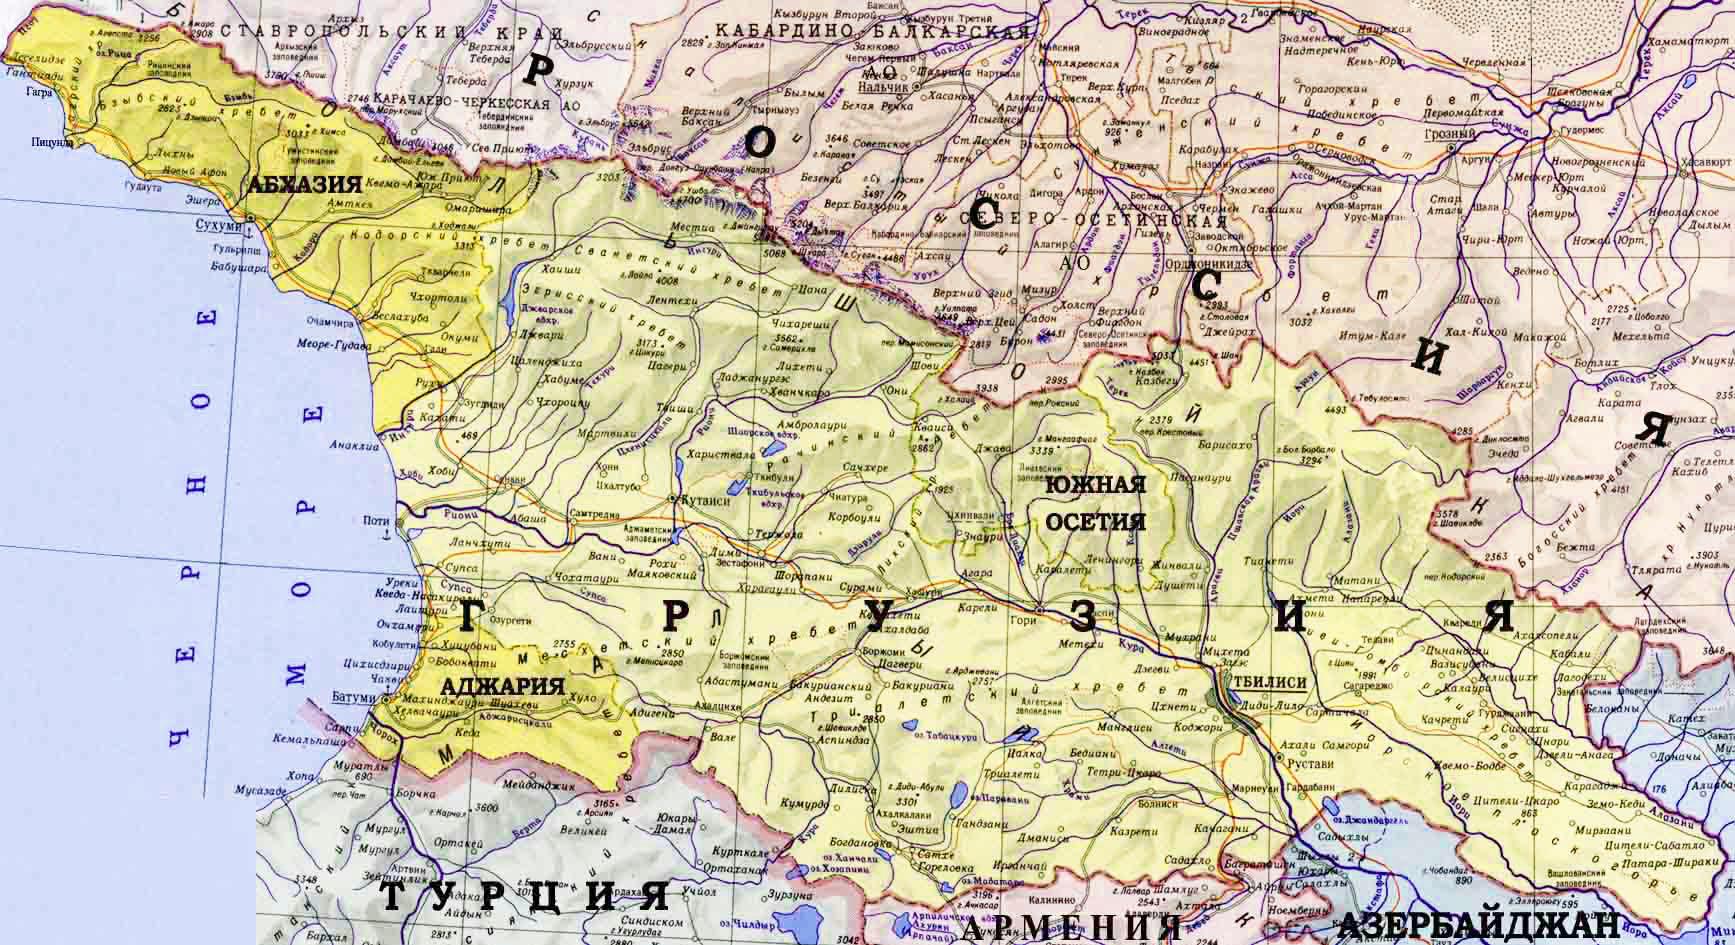 грузия на мировой карте фото солист рид